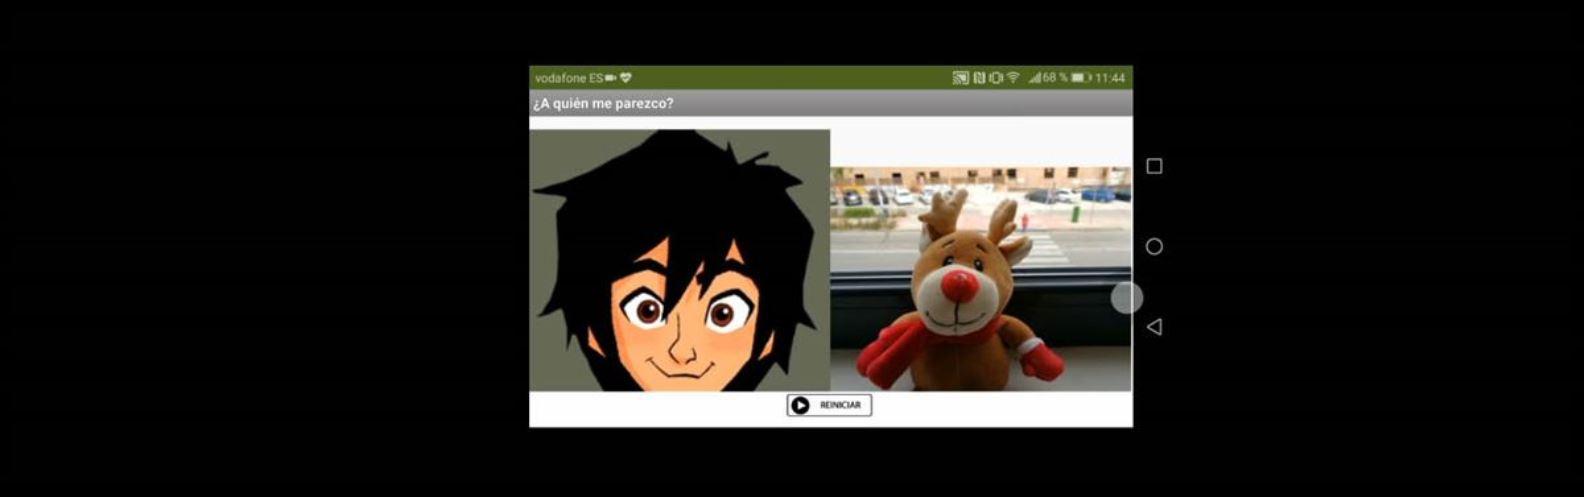 Actividad para niños de App: ¿A qué superhéroe te pareces?